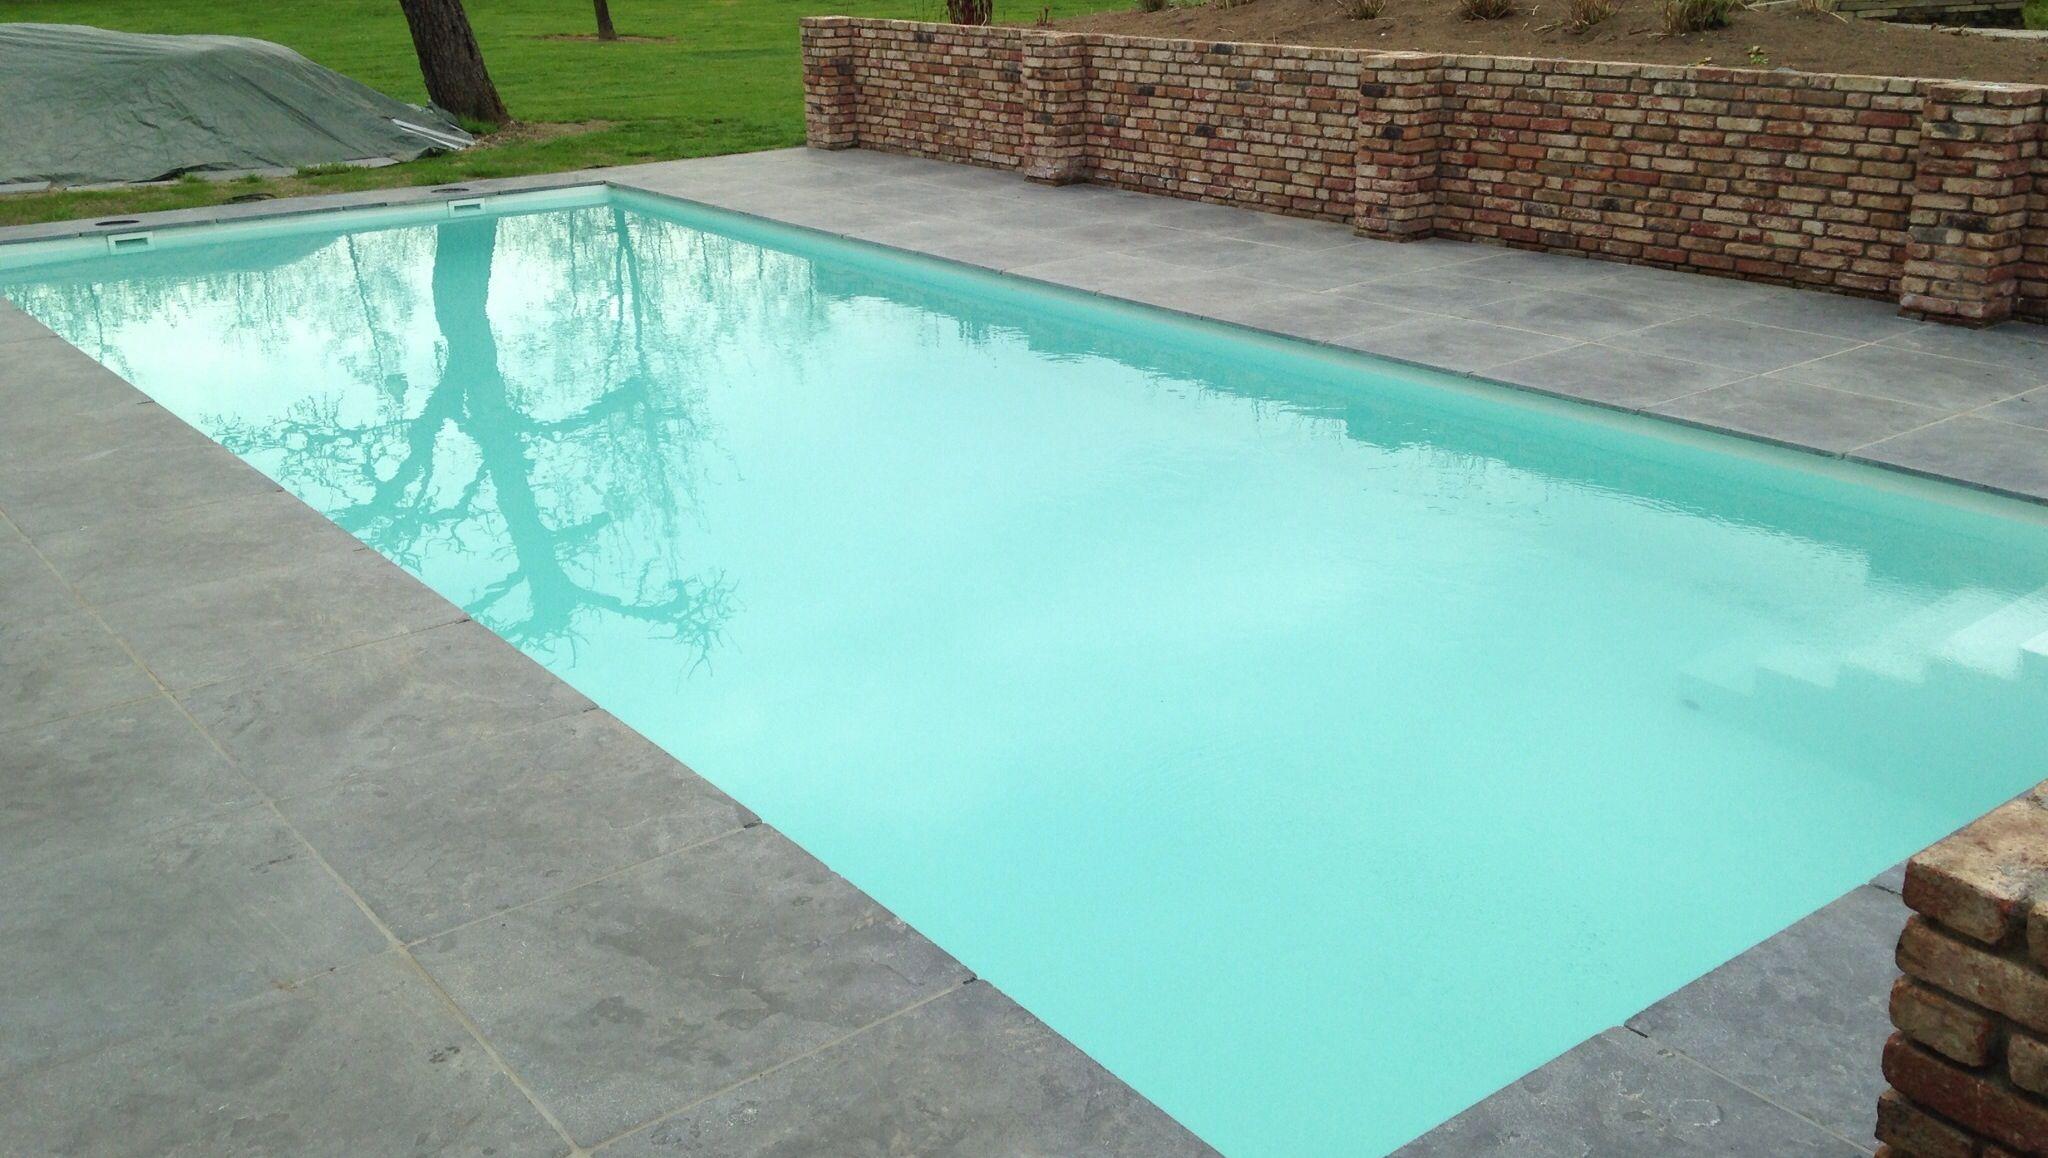 Kunststof zwembad kleur wit 7 5x3 5x1 2 swimmingpool for Zwembad kunststof